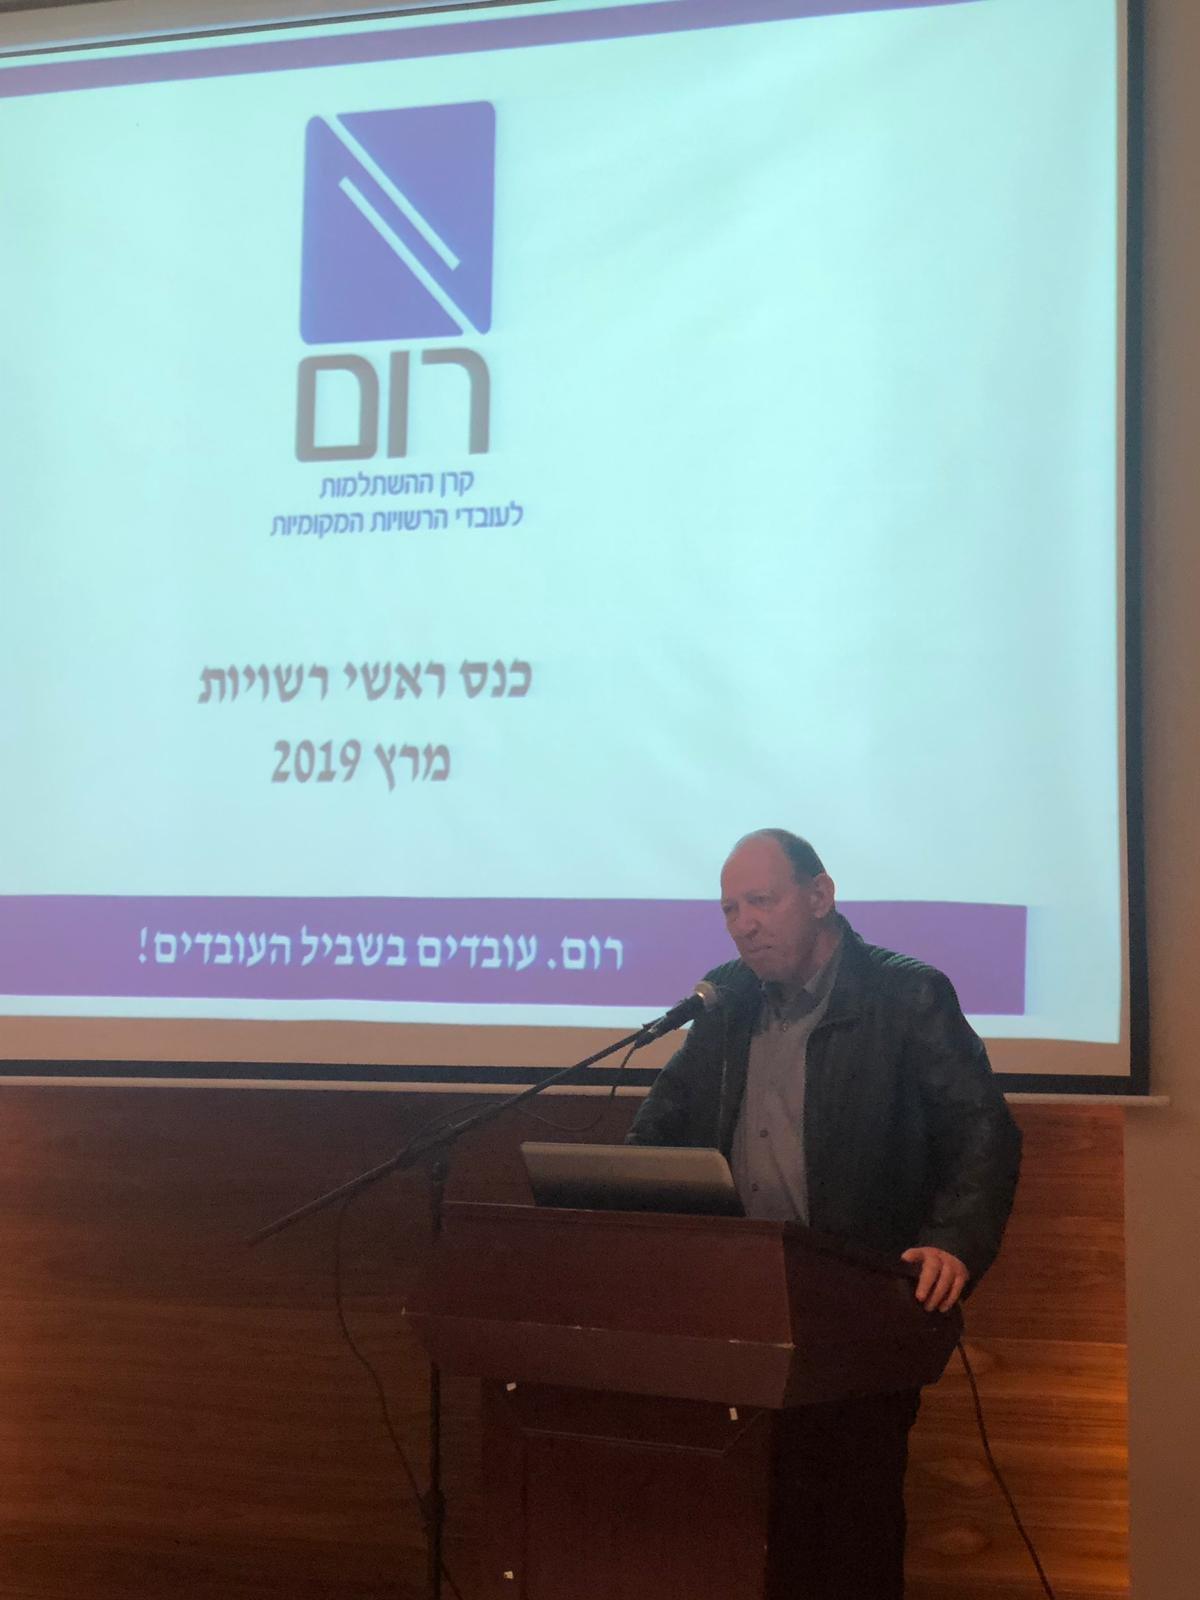 مؤتمر لرؤساء السلطات المحلية في مدينة الناصرة